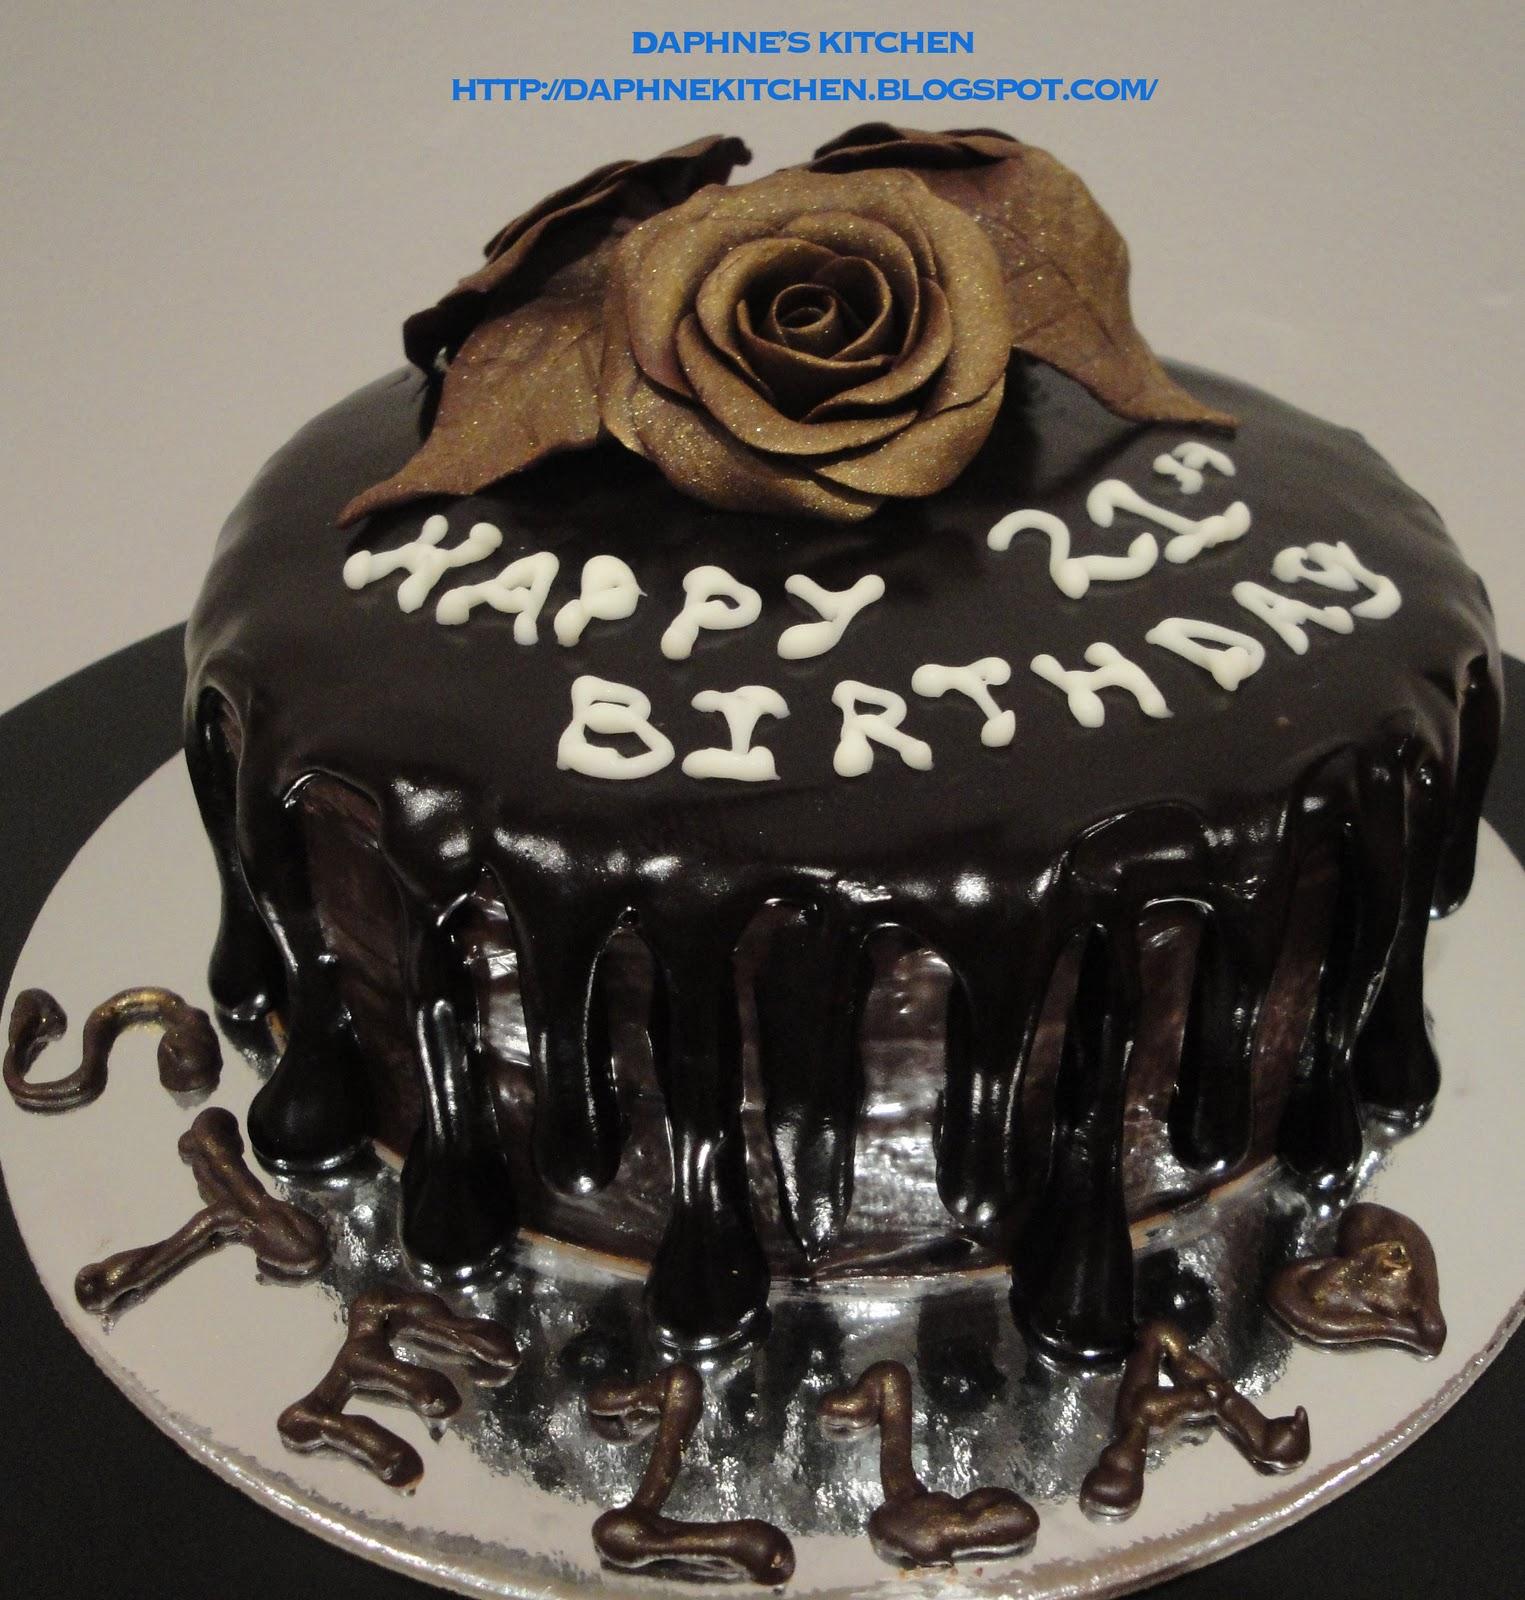 Daphnes Kitchen 65 Chocolate Mud Cake For Stellas 21st